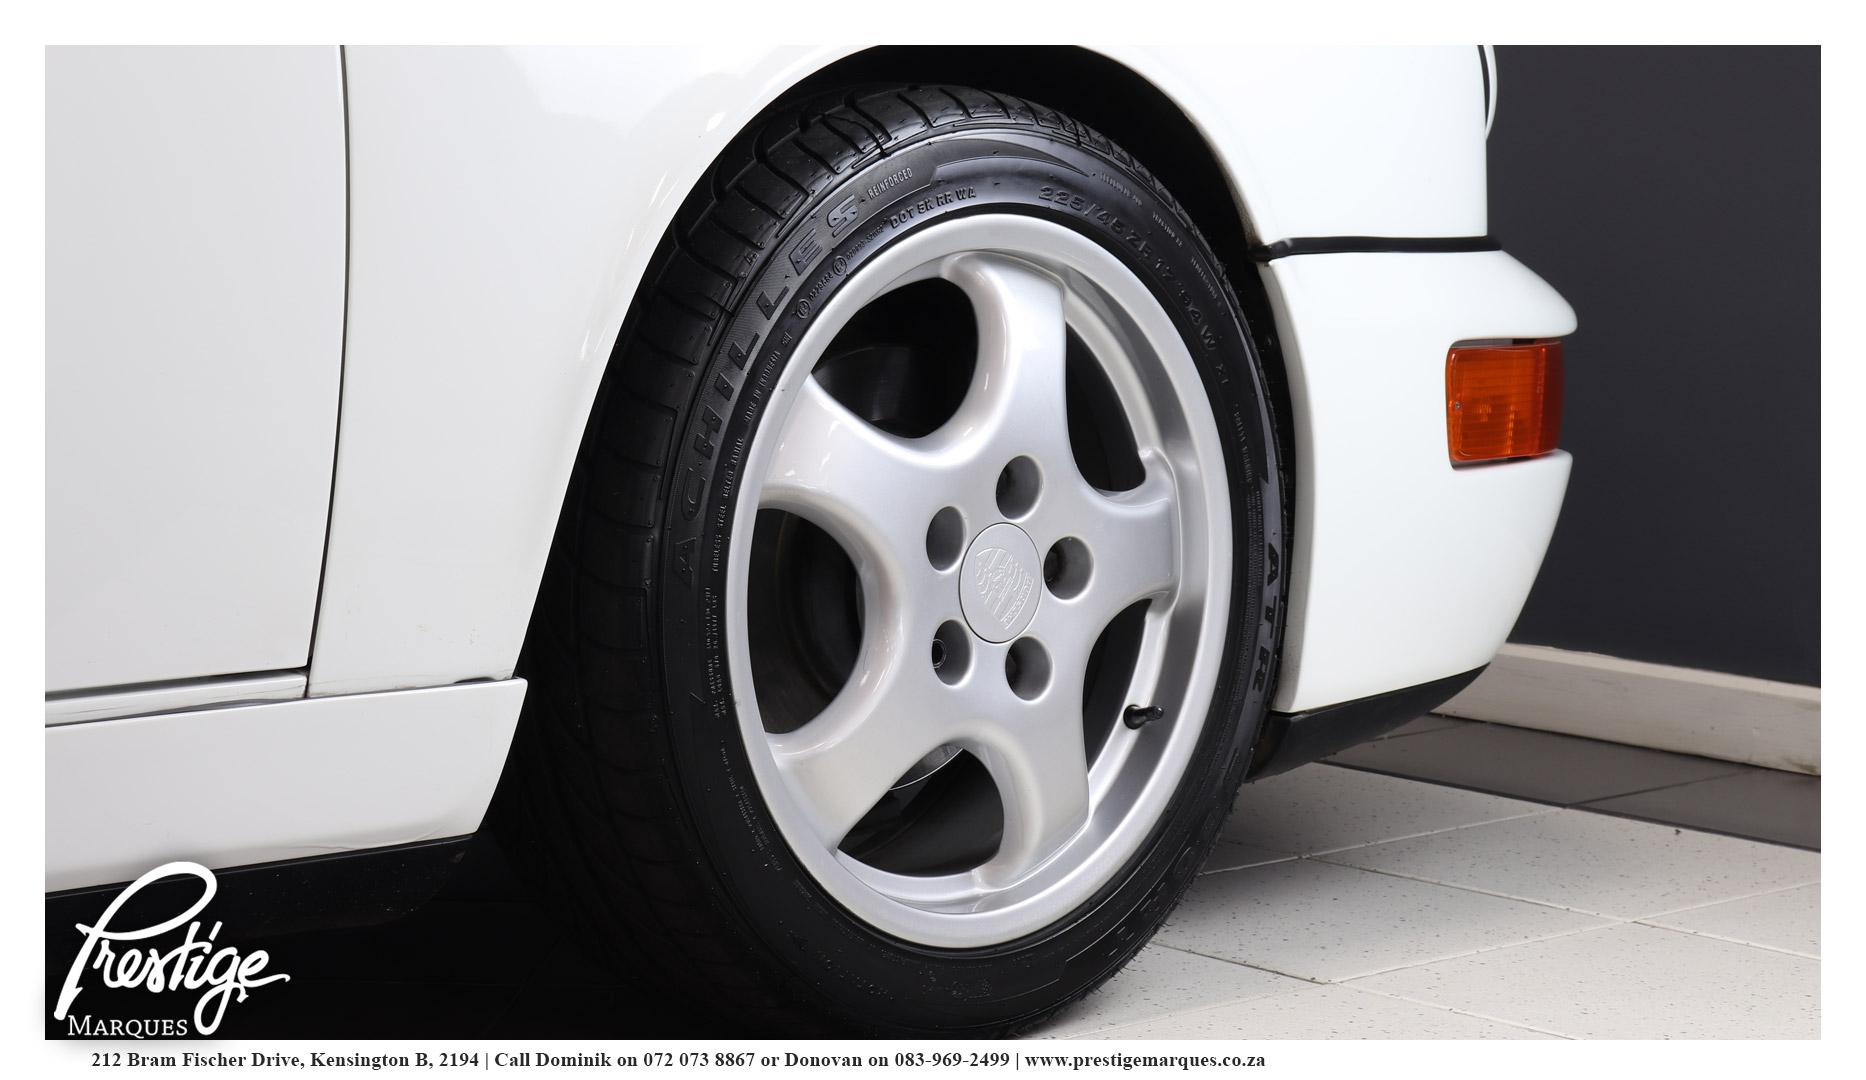 Prestige-Marques-1990-Porsche-964-Carrera 2-Manual-12